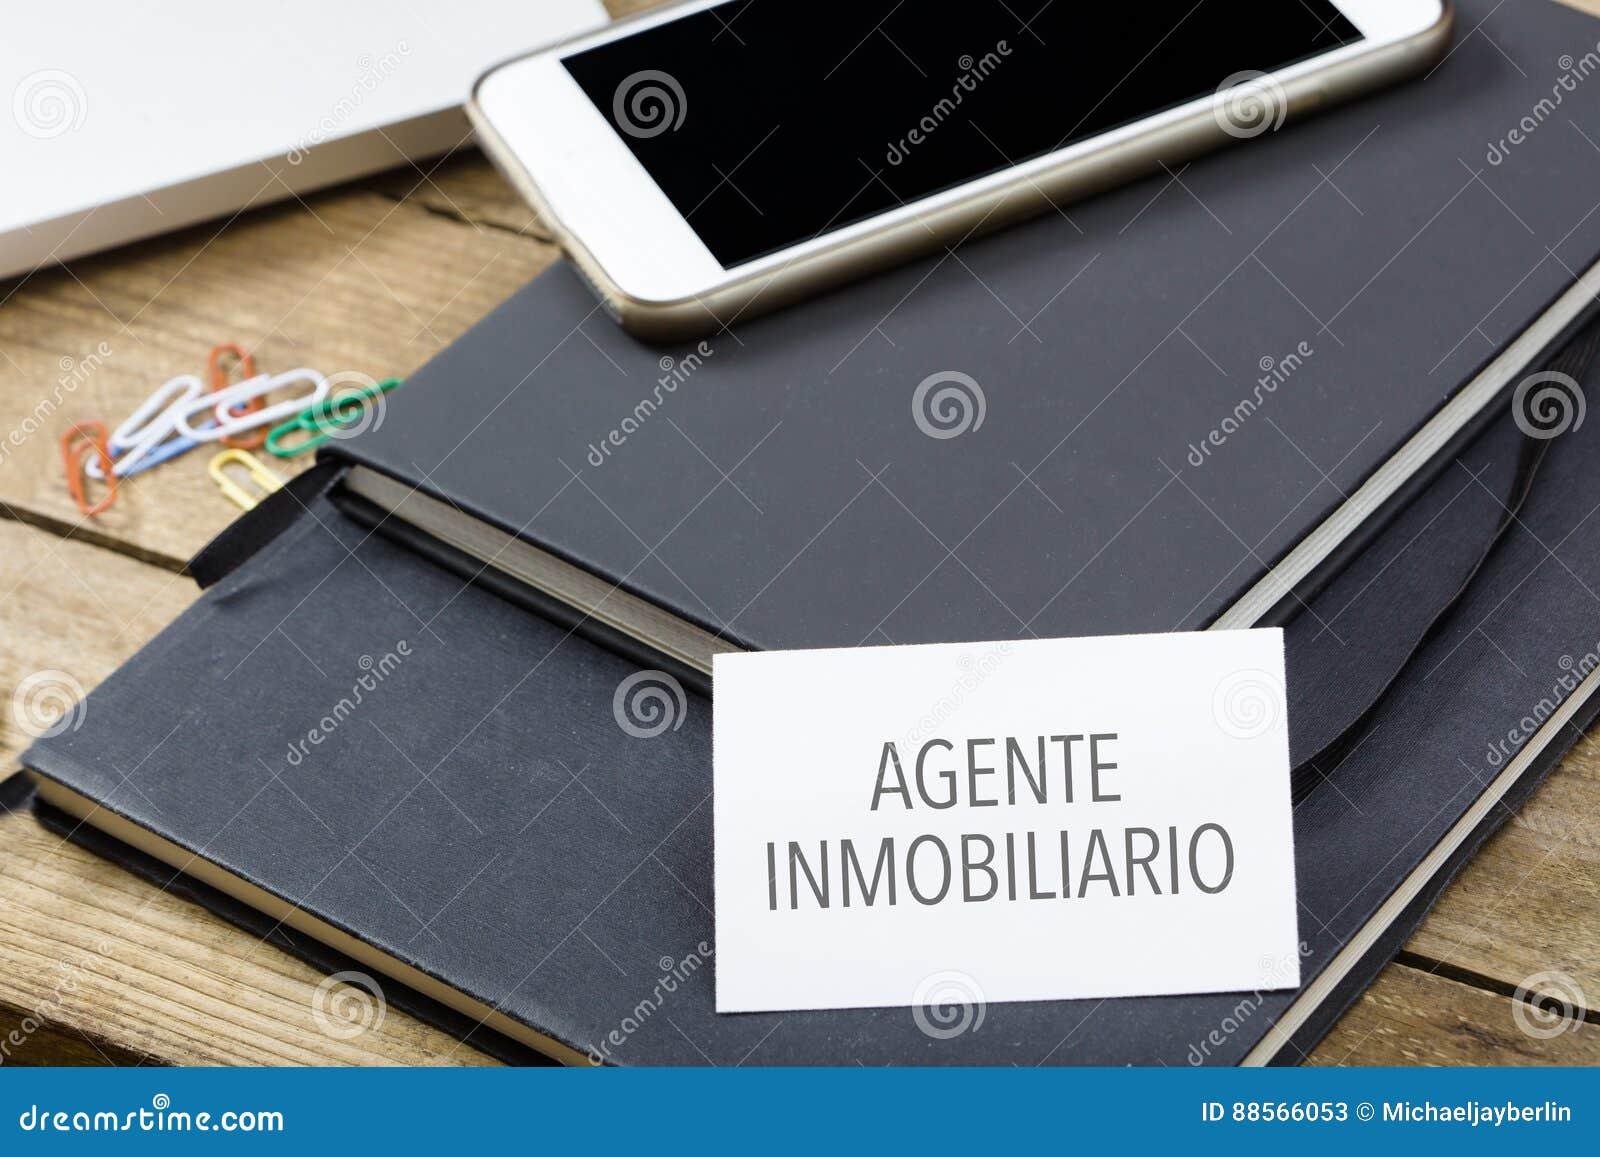 Inmobiliario D Agente Texte Espagnol Pour La Carte De Visite Professionnelle Agent